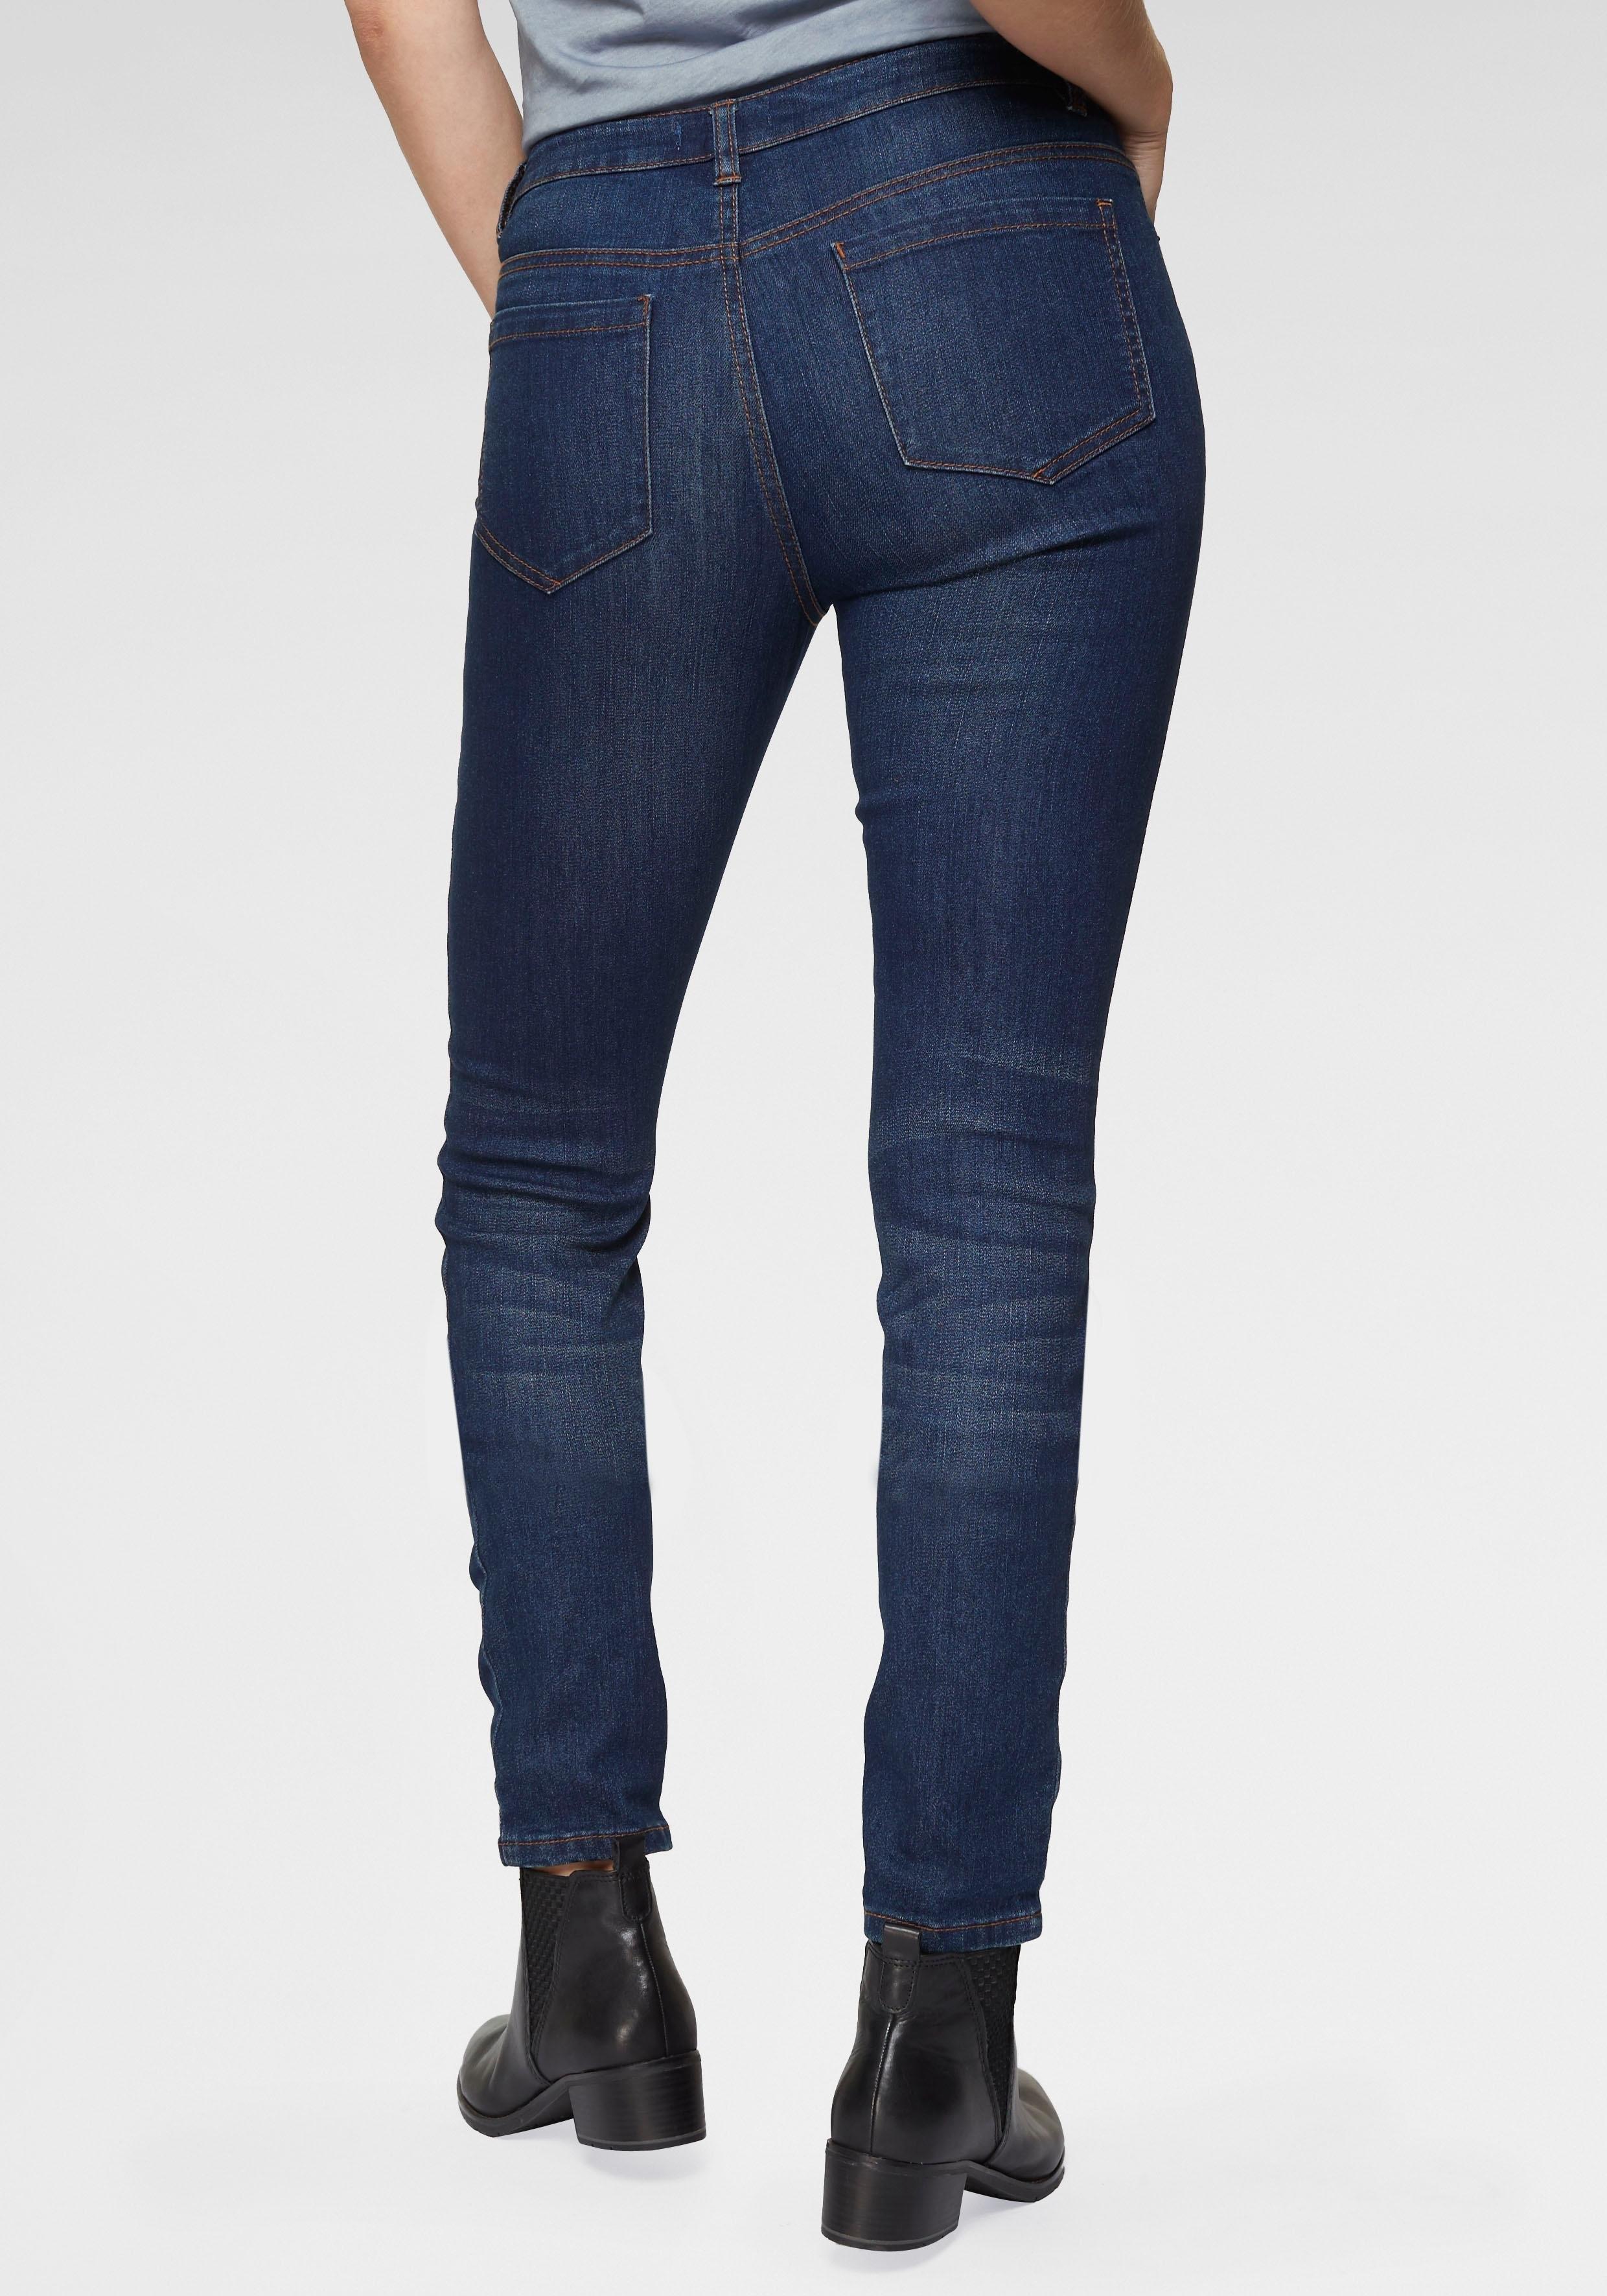 Aniston Casual Cheer skinny jeans - verschillende betaalmethodes